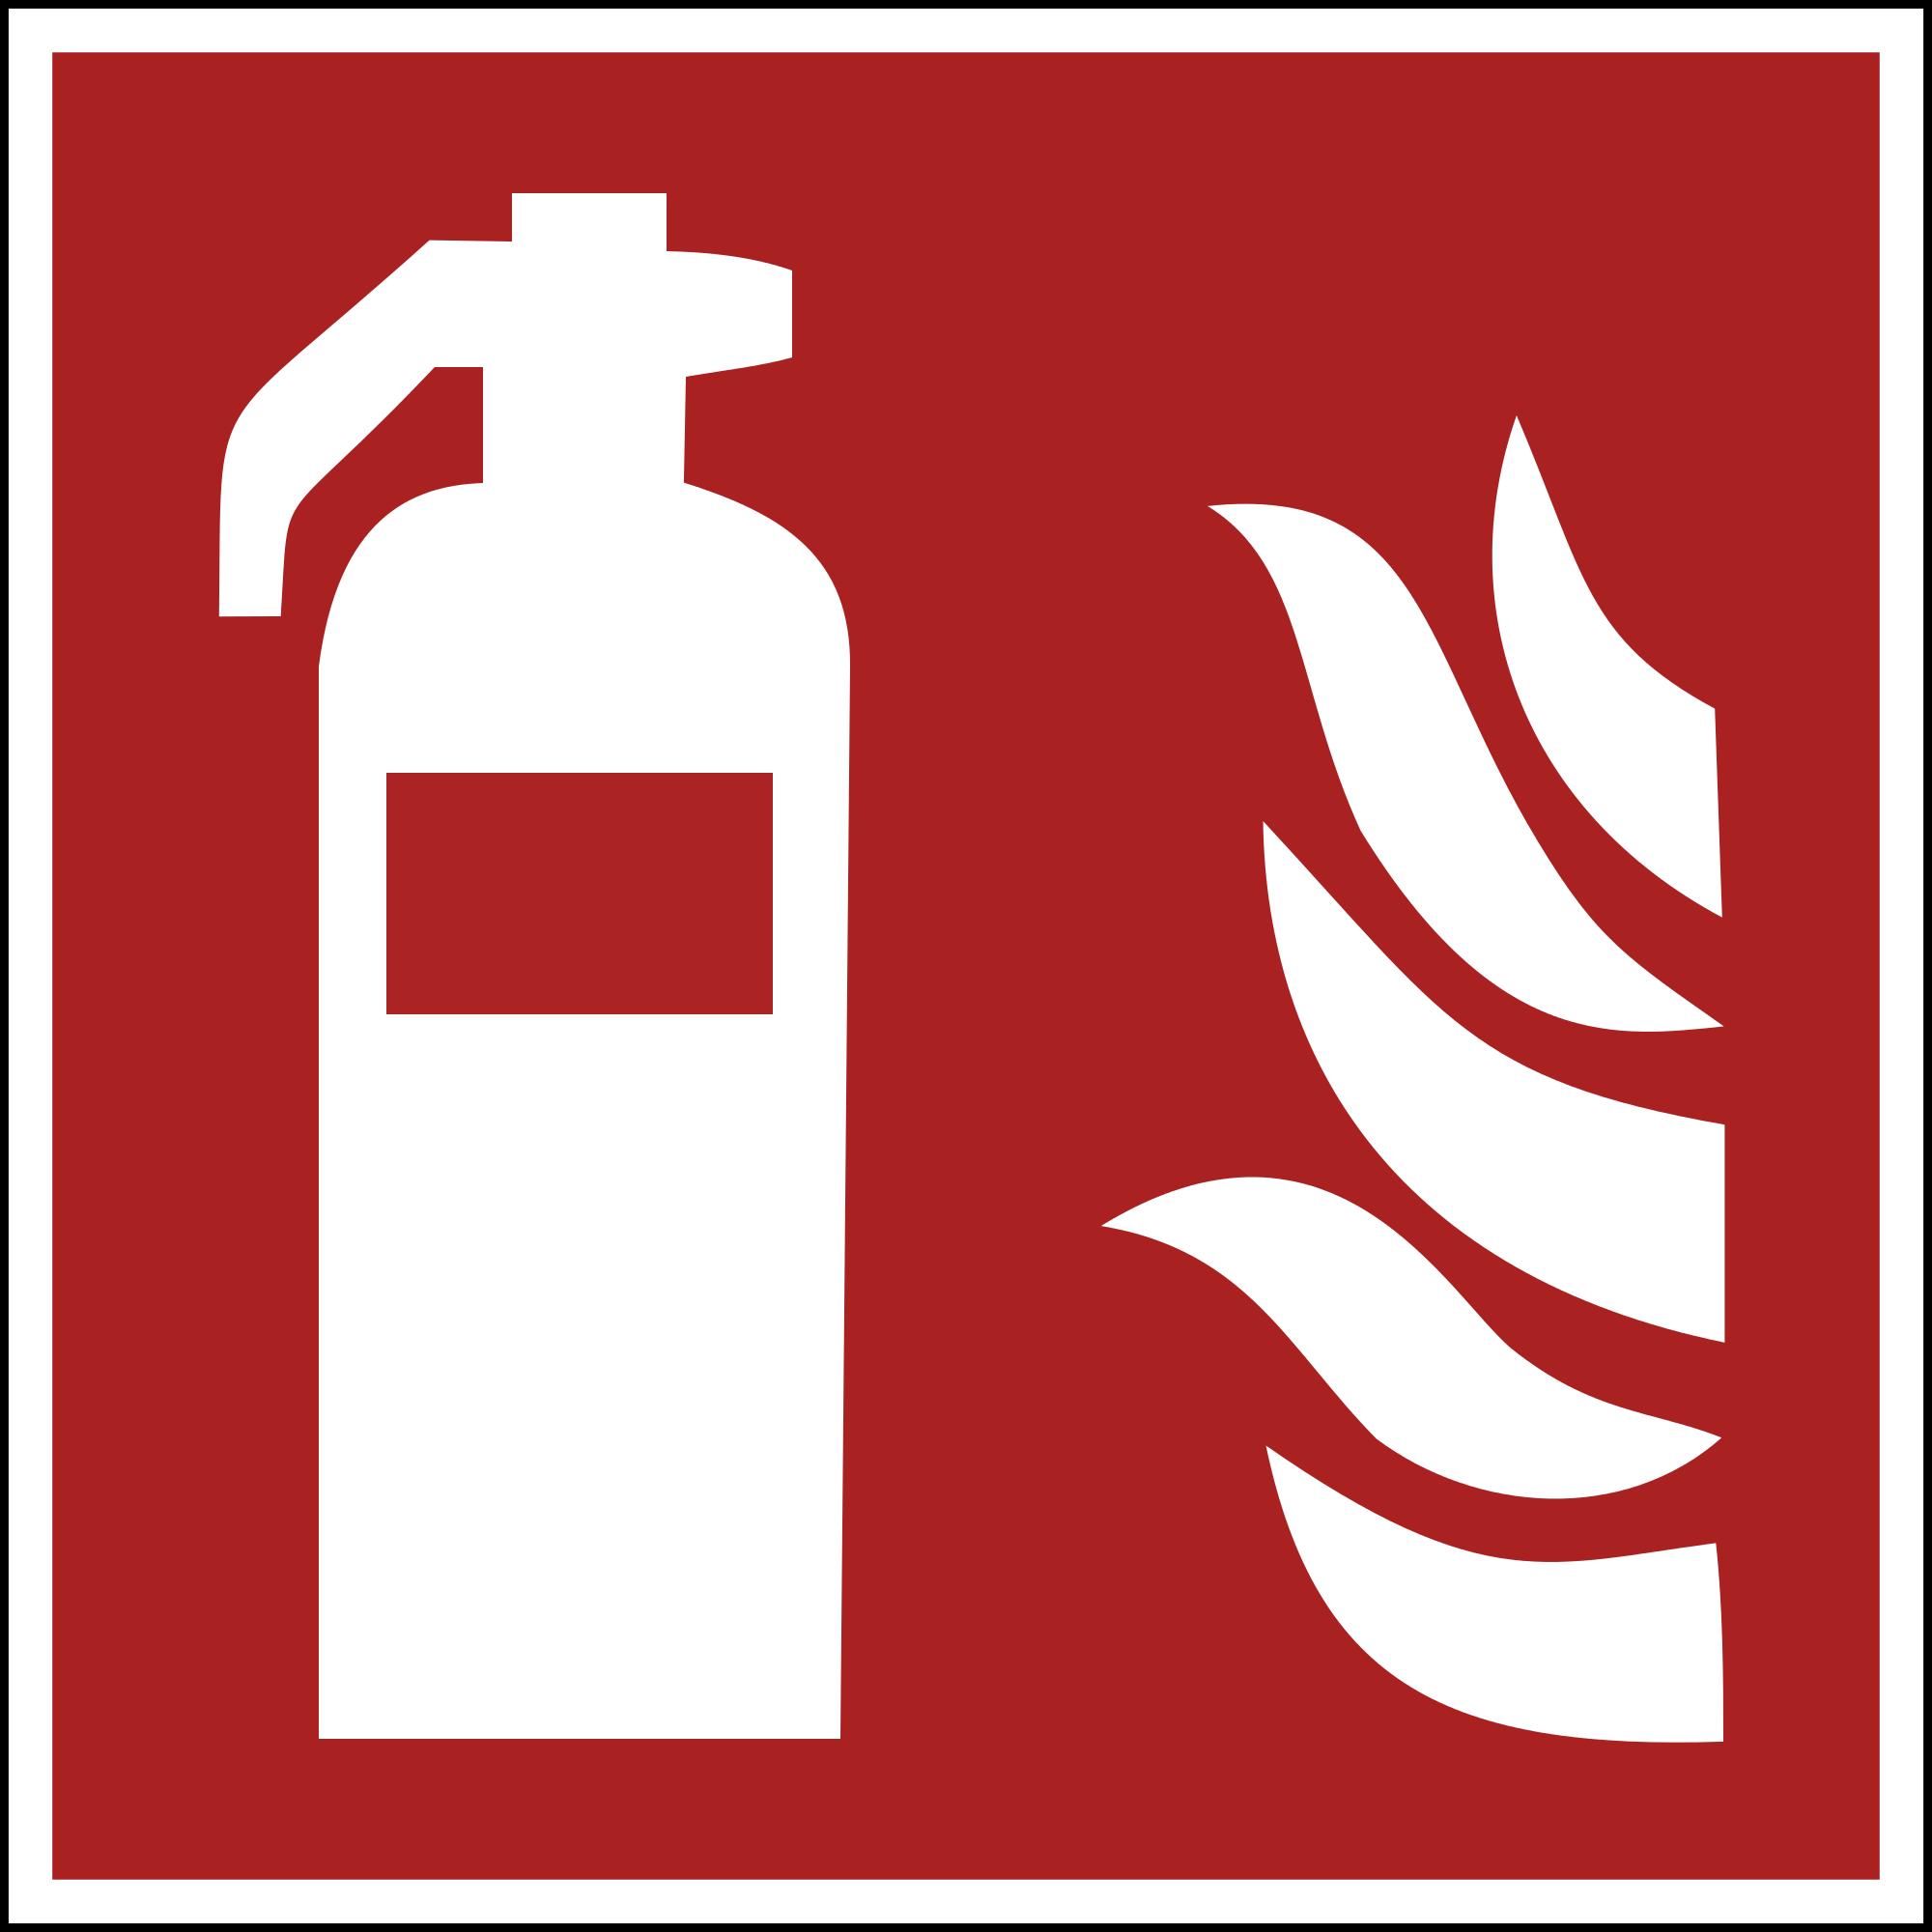 Feuerlöscher Plakette ISO 7010 15x15cm